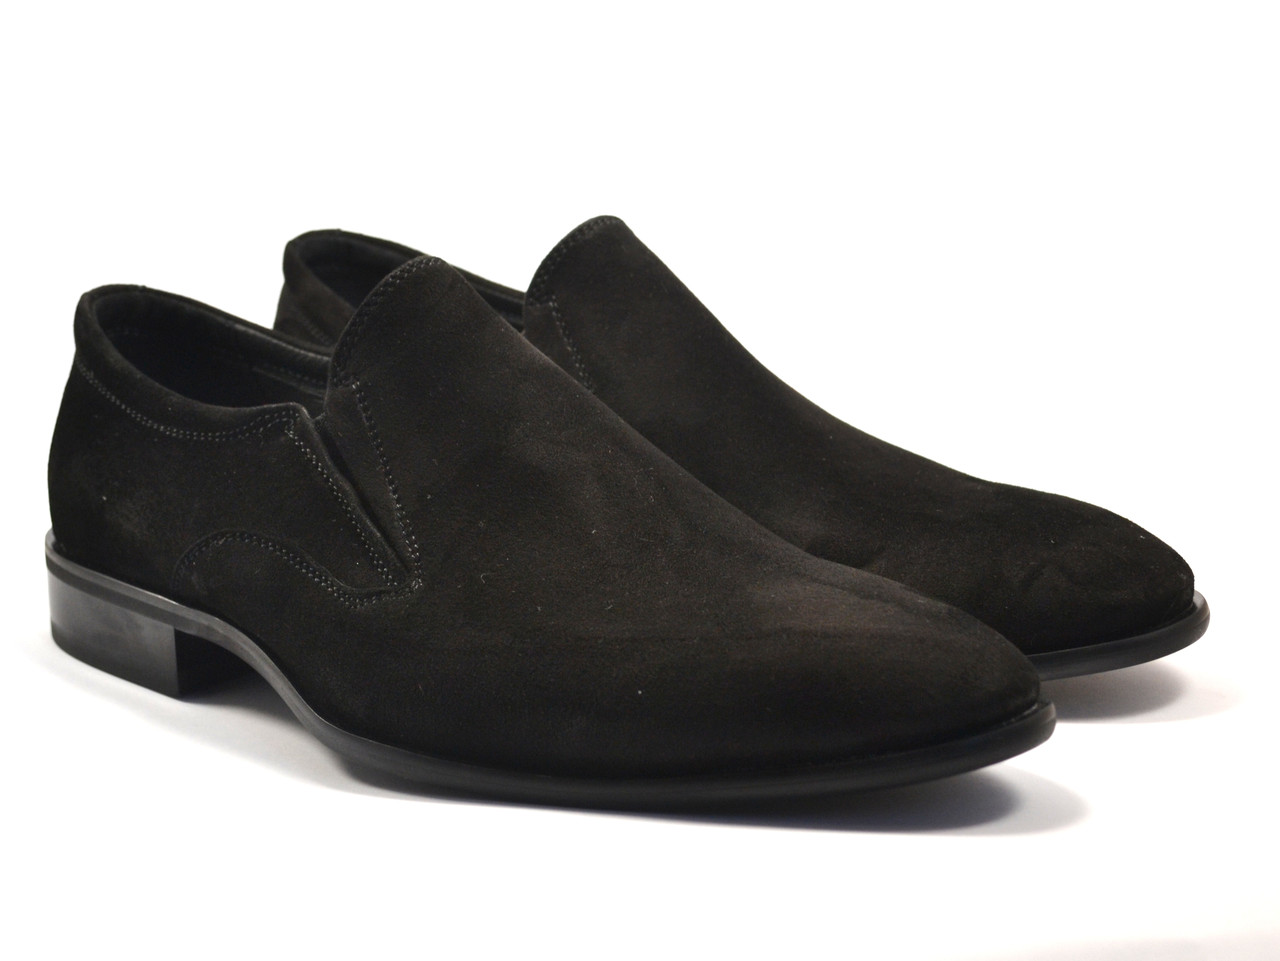 Туфли лоферы замшевые черные без шнурков мужская обувь больших размеров Rosso Avangard BS Mono Vel Black